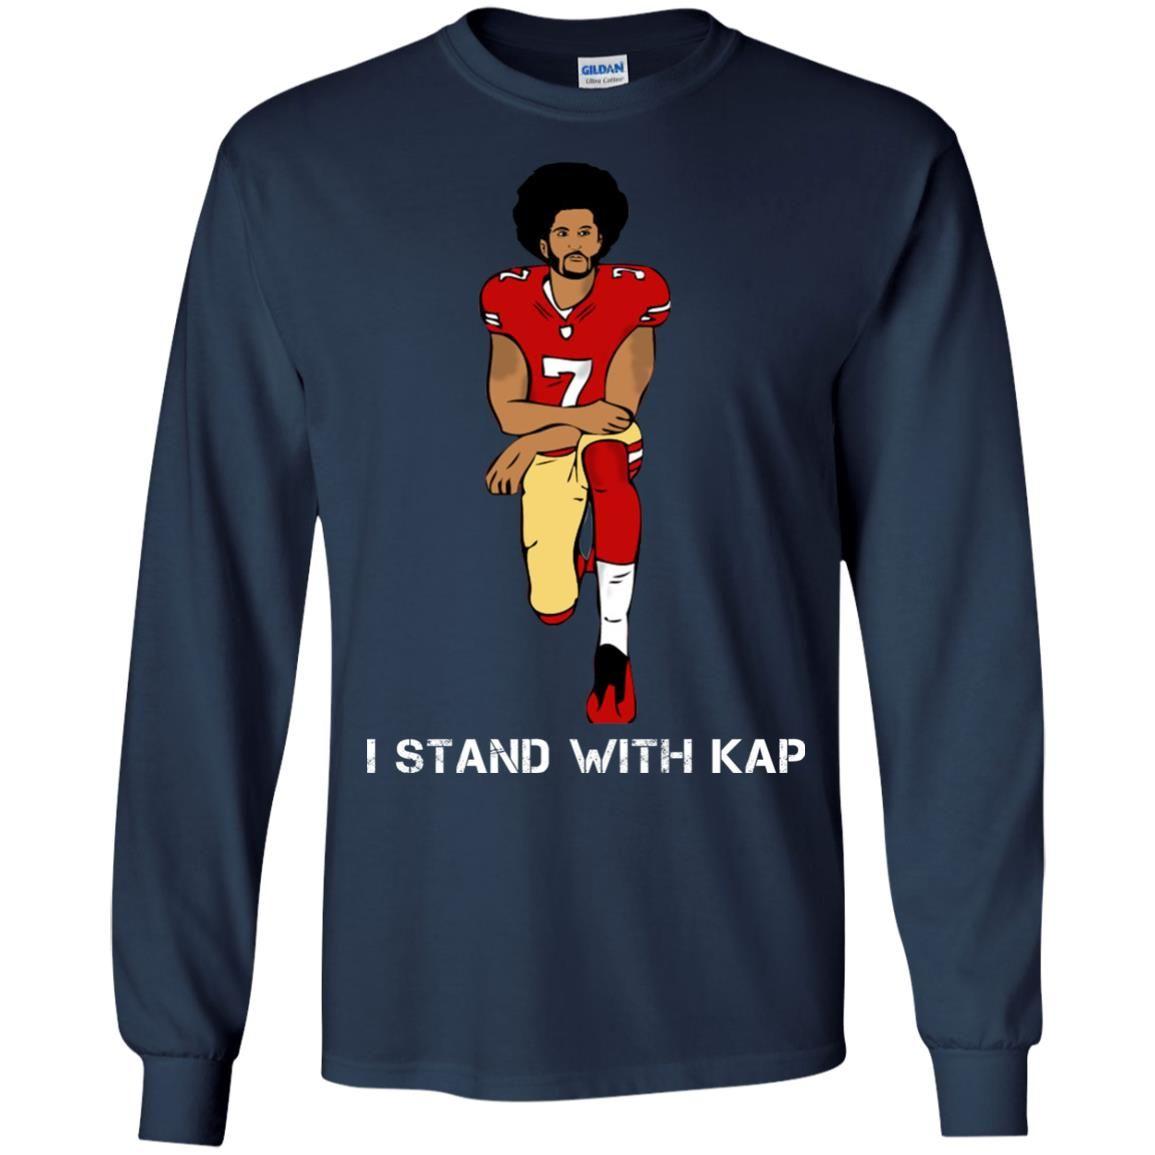 image 1937 - I stand with Kap shirt, hoodie